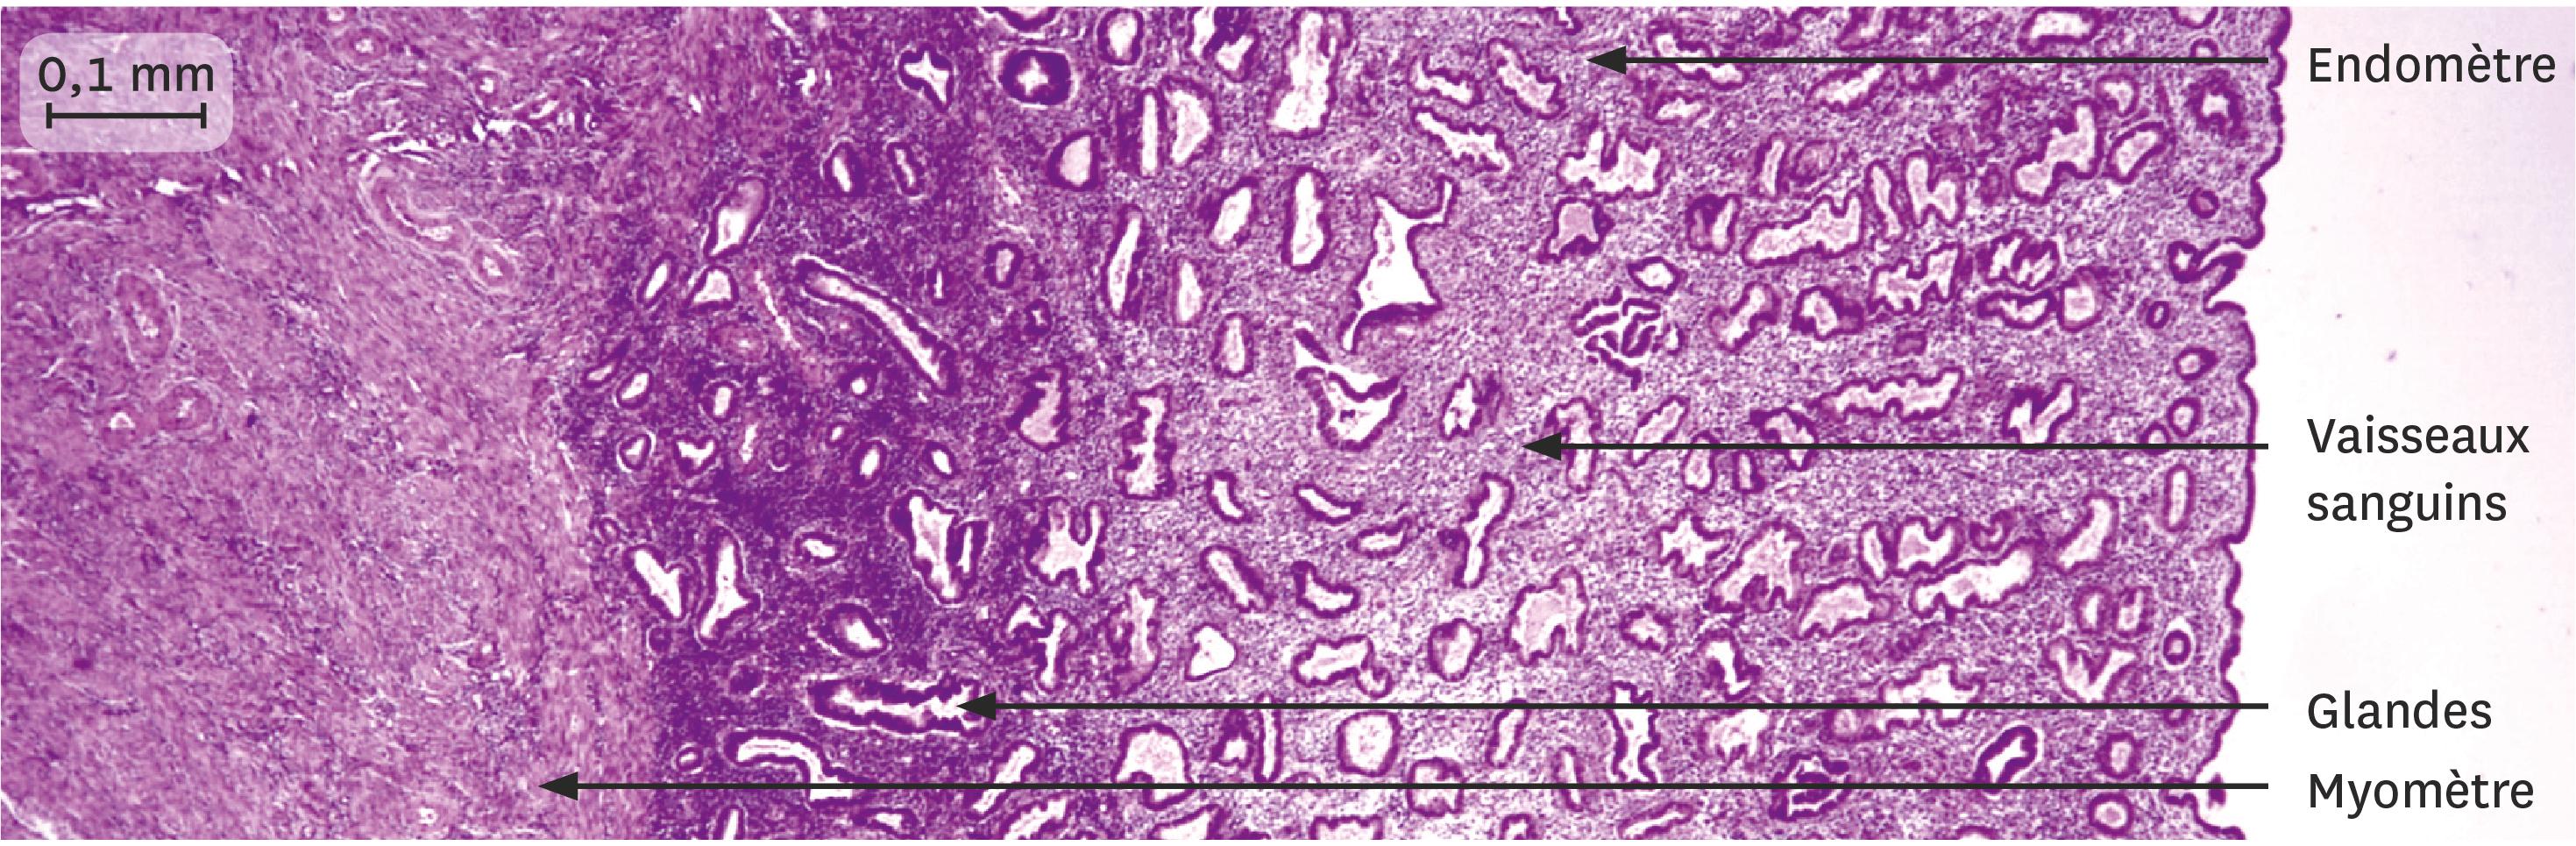 <stamp theme='svt-green1'>Doc. 4</stamp> Une coupe de la muqueuse utérine 10 jours après les règles observée au microscope optique.